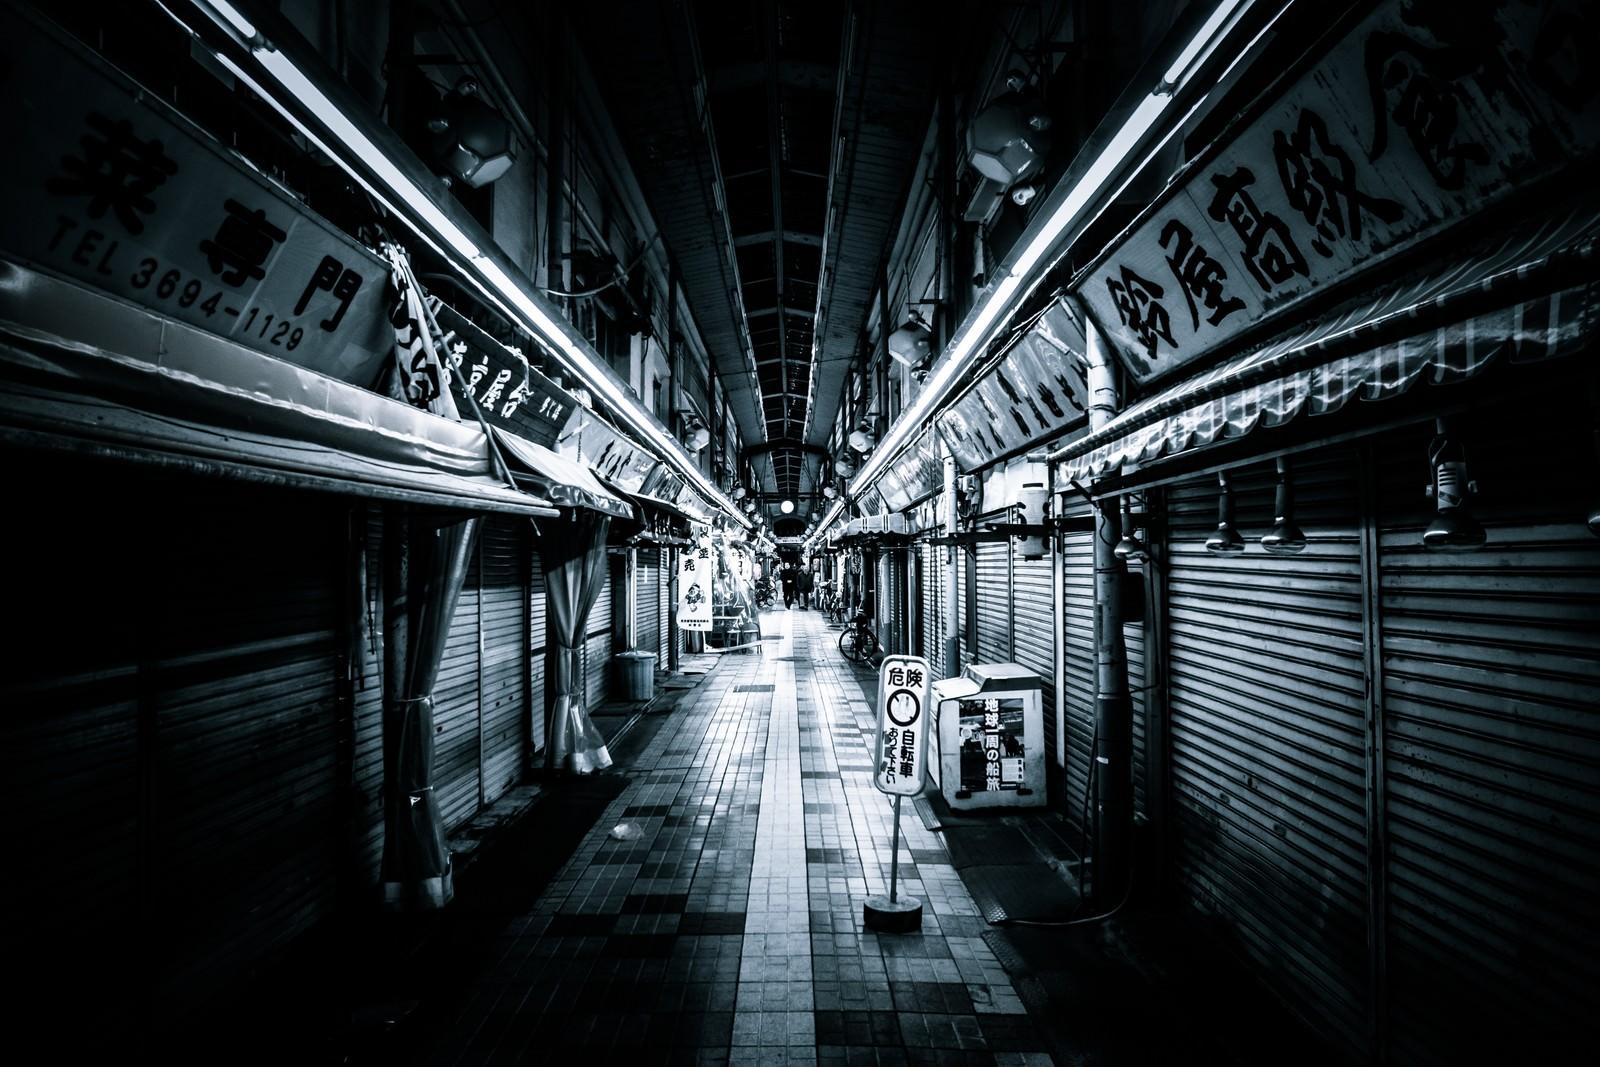 「シャッターがおりた商店街とアーケード」の写真